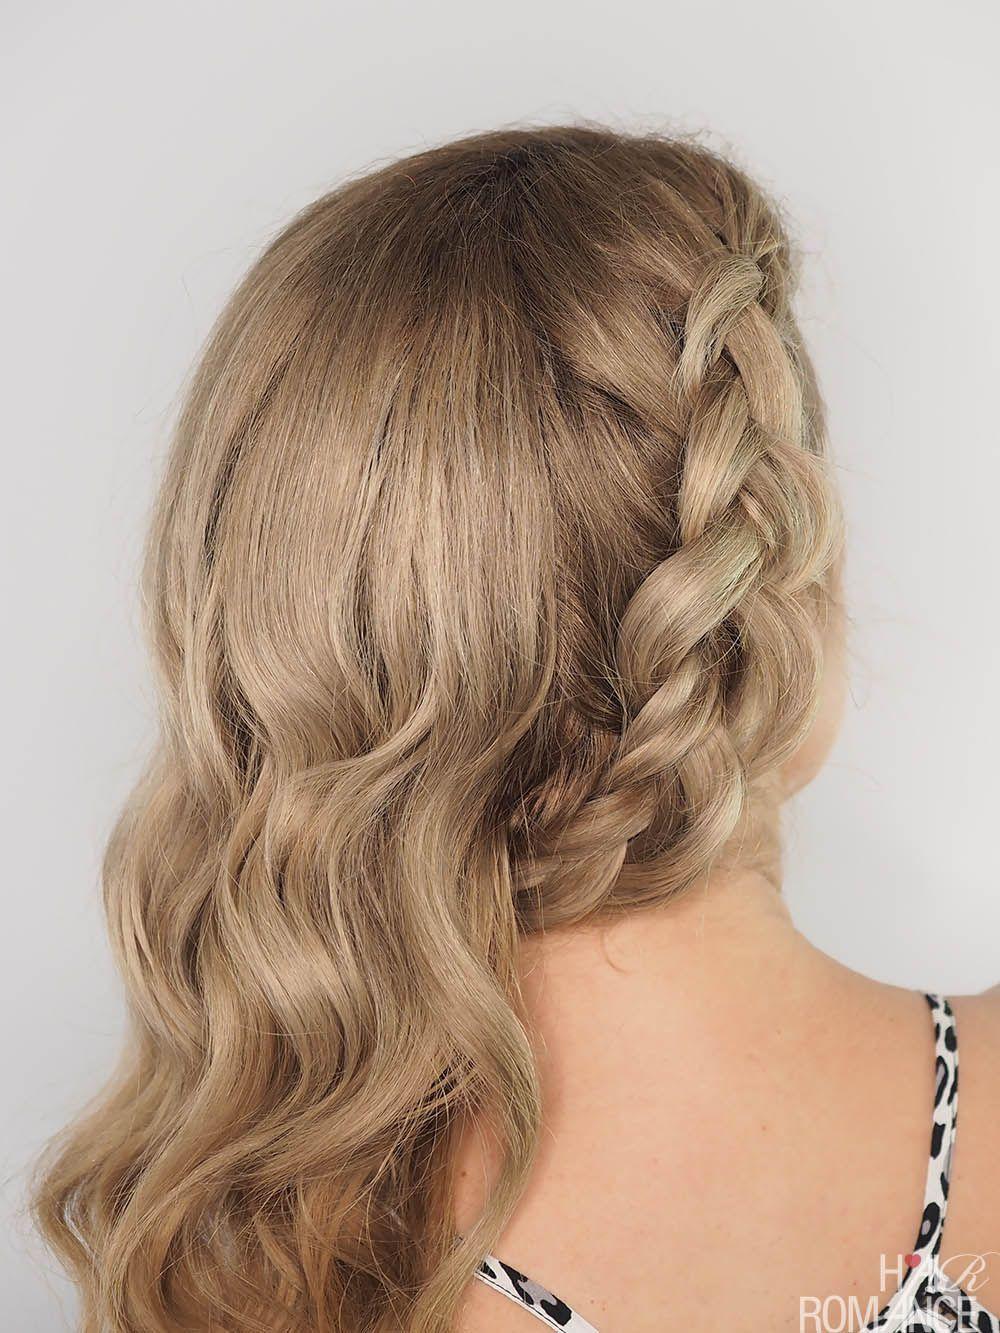 Daytonight style u quick hairstyle tutorials easyhairstyles